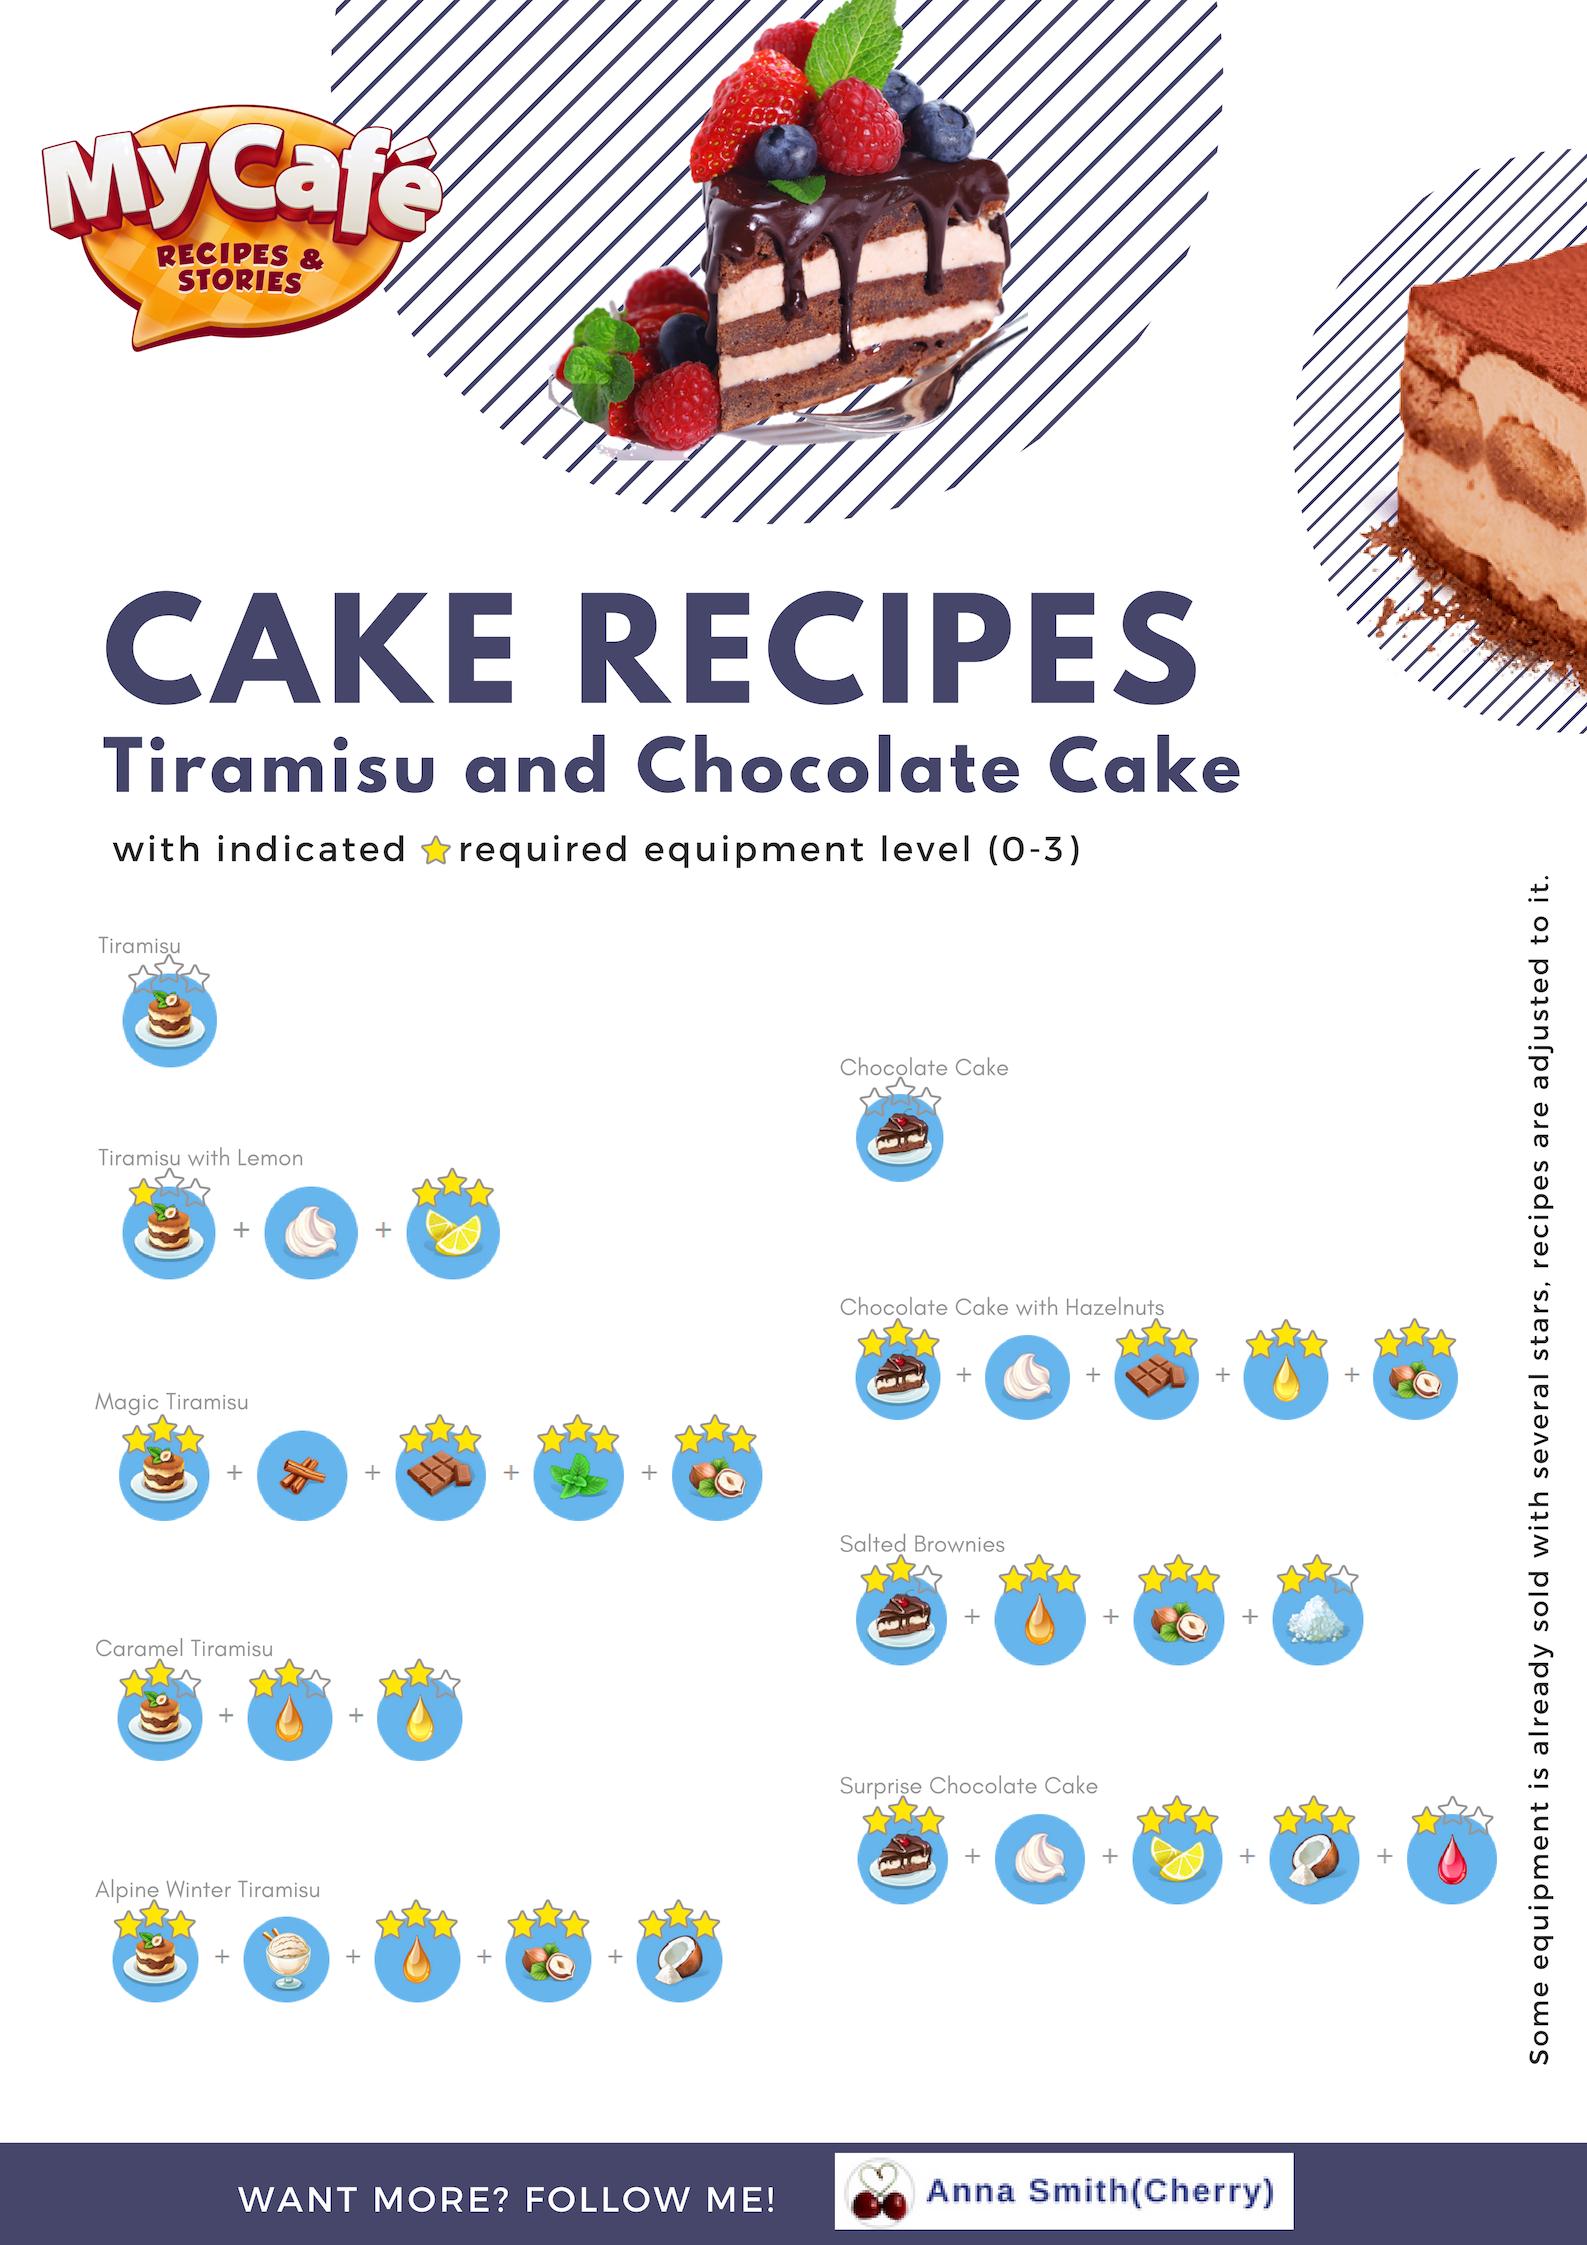 My Cafe Chocolate Cake With Hazelnuts : chocolate, hazelnuts, Chocolate, Hazelnut, Recipe, GreenStarCandy